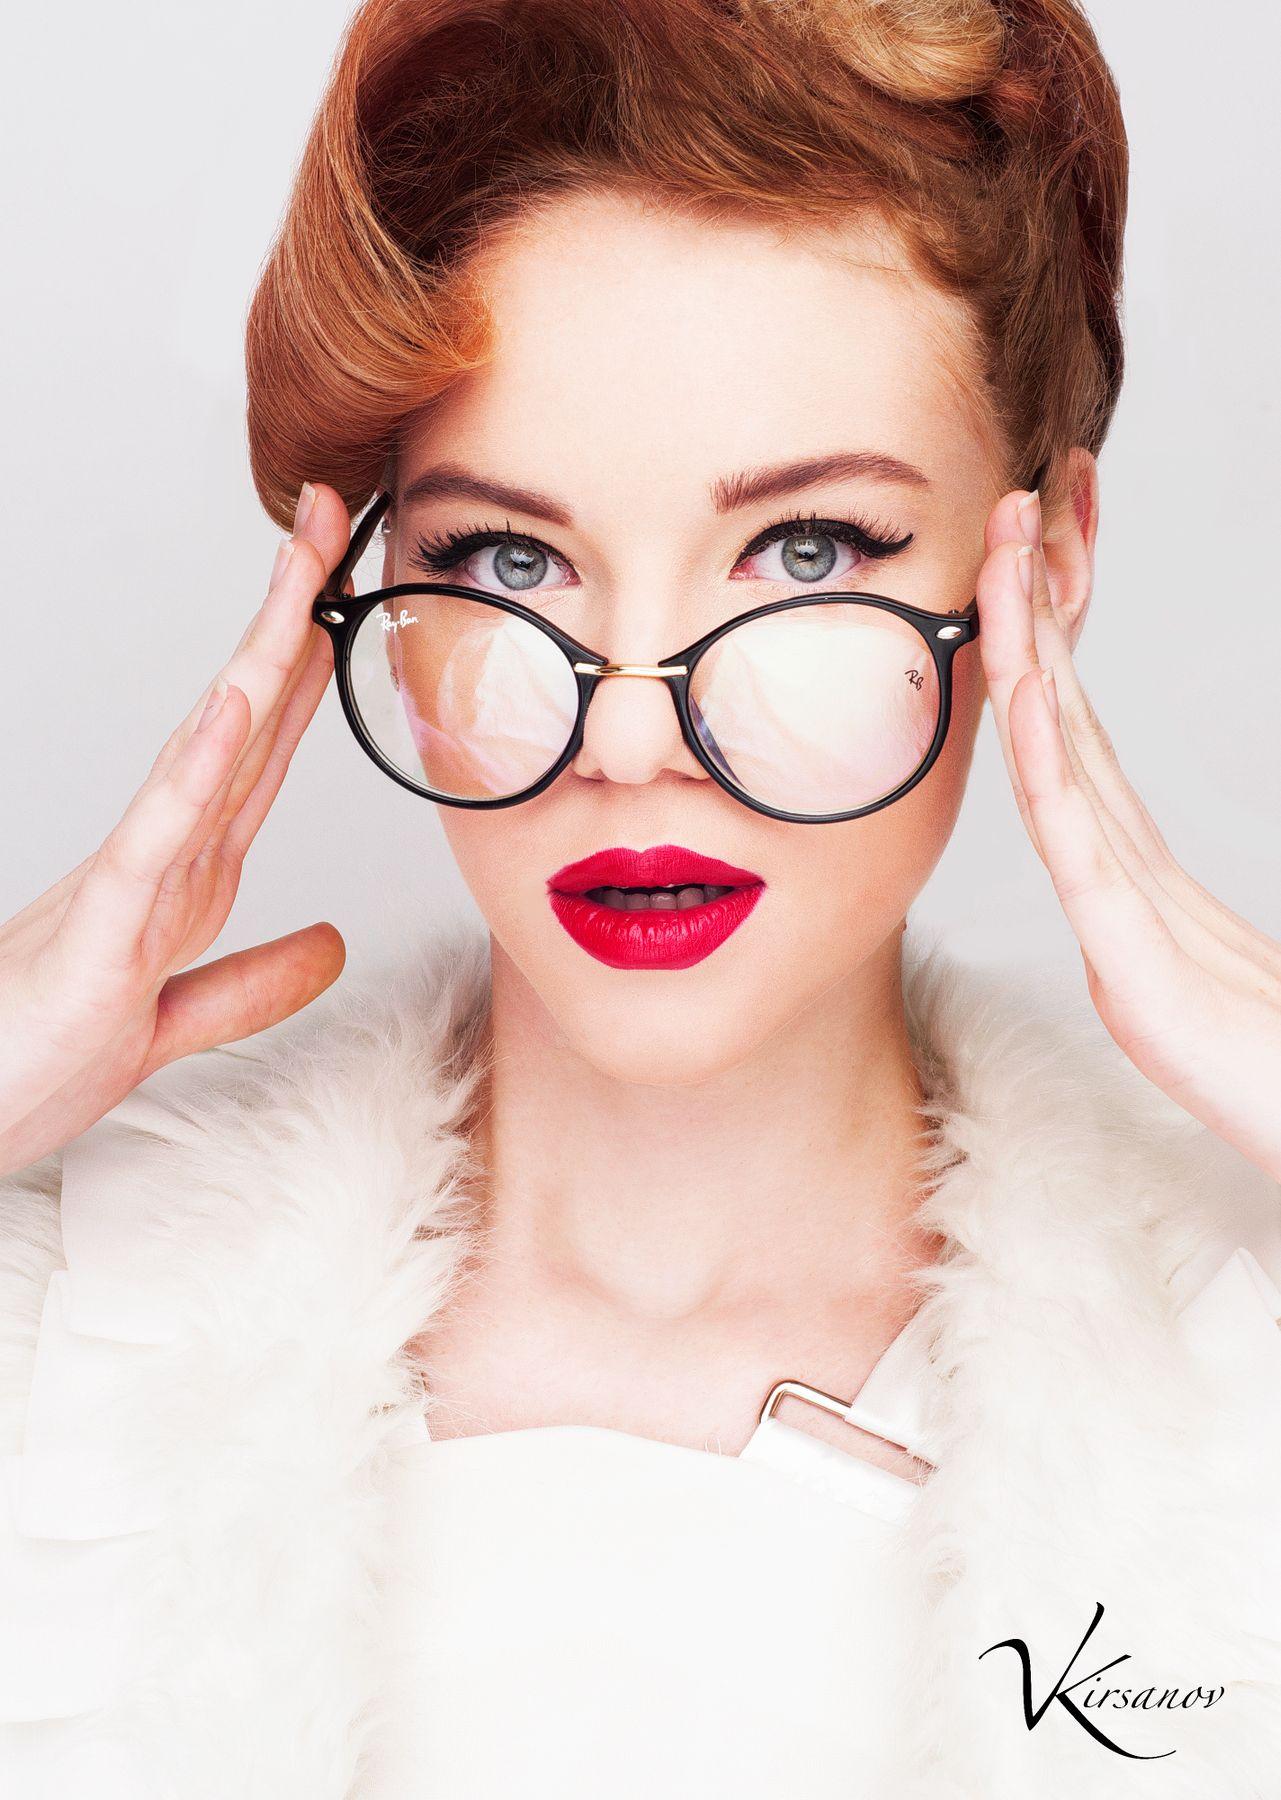 Губы Девушка губы очки пинап гламур флирт глаза